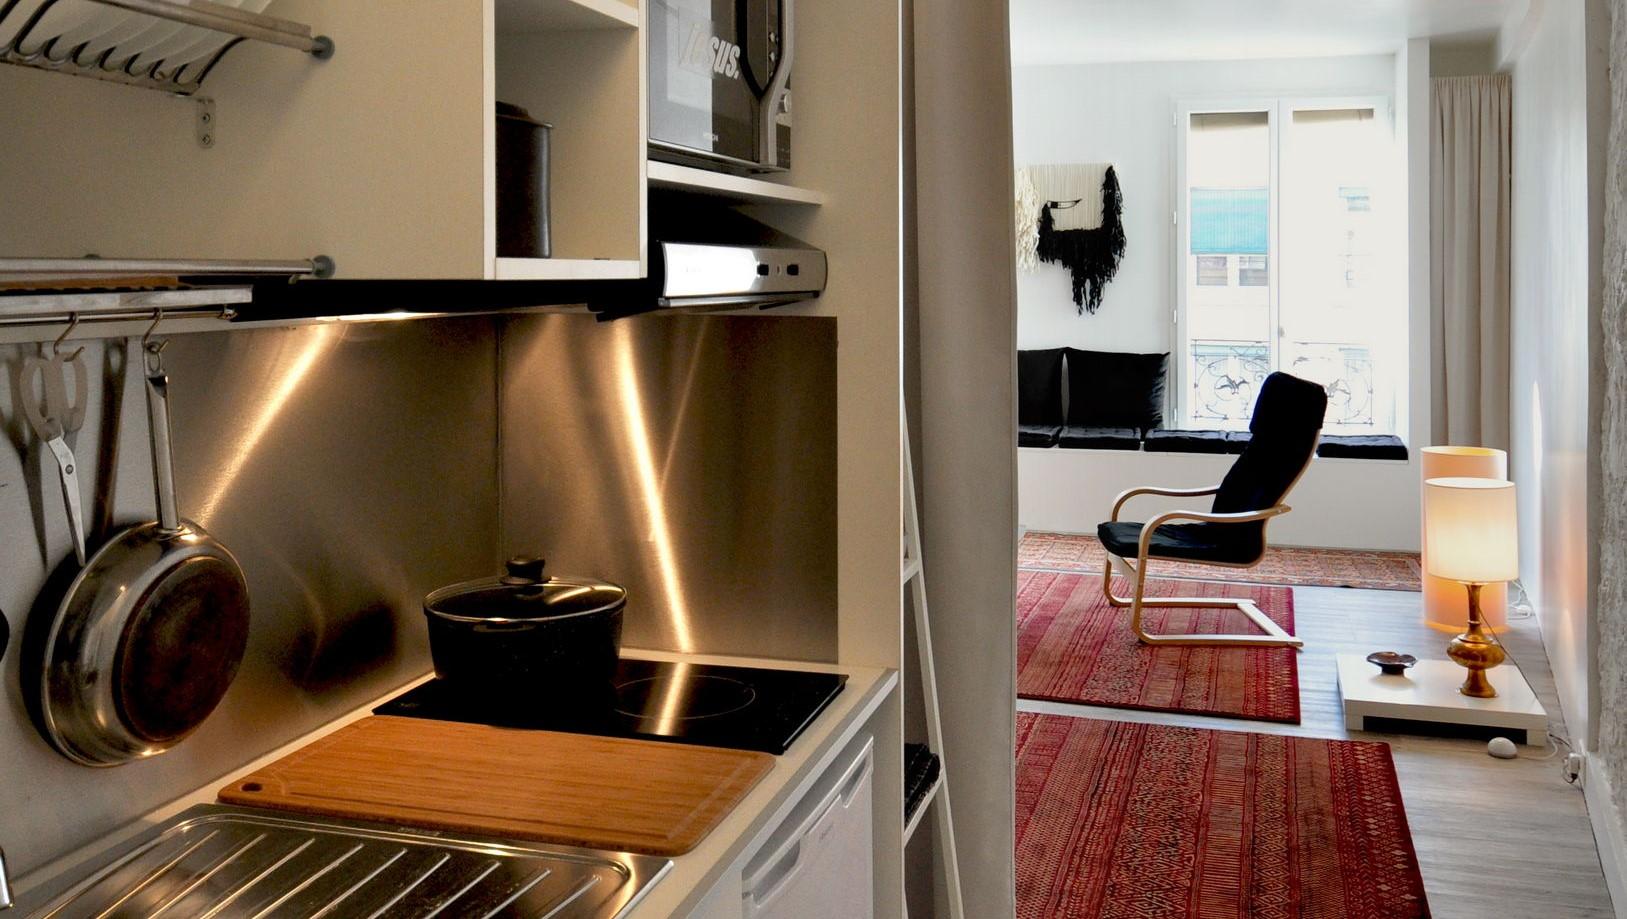 Mobile basso per cucina great mobiletti cucina economici idee per la casa syafir com with - Mobiletti cucina economici ...